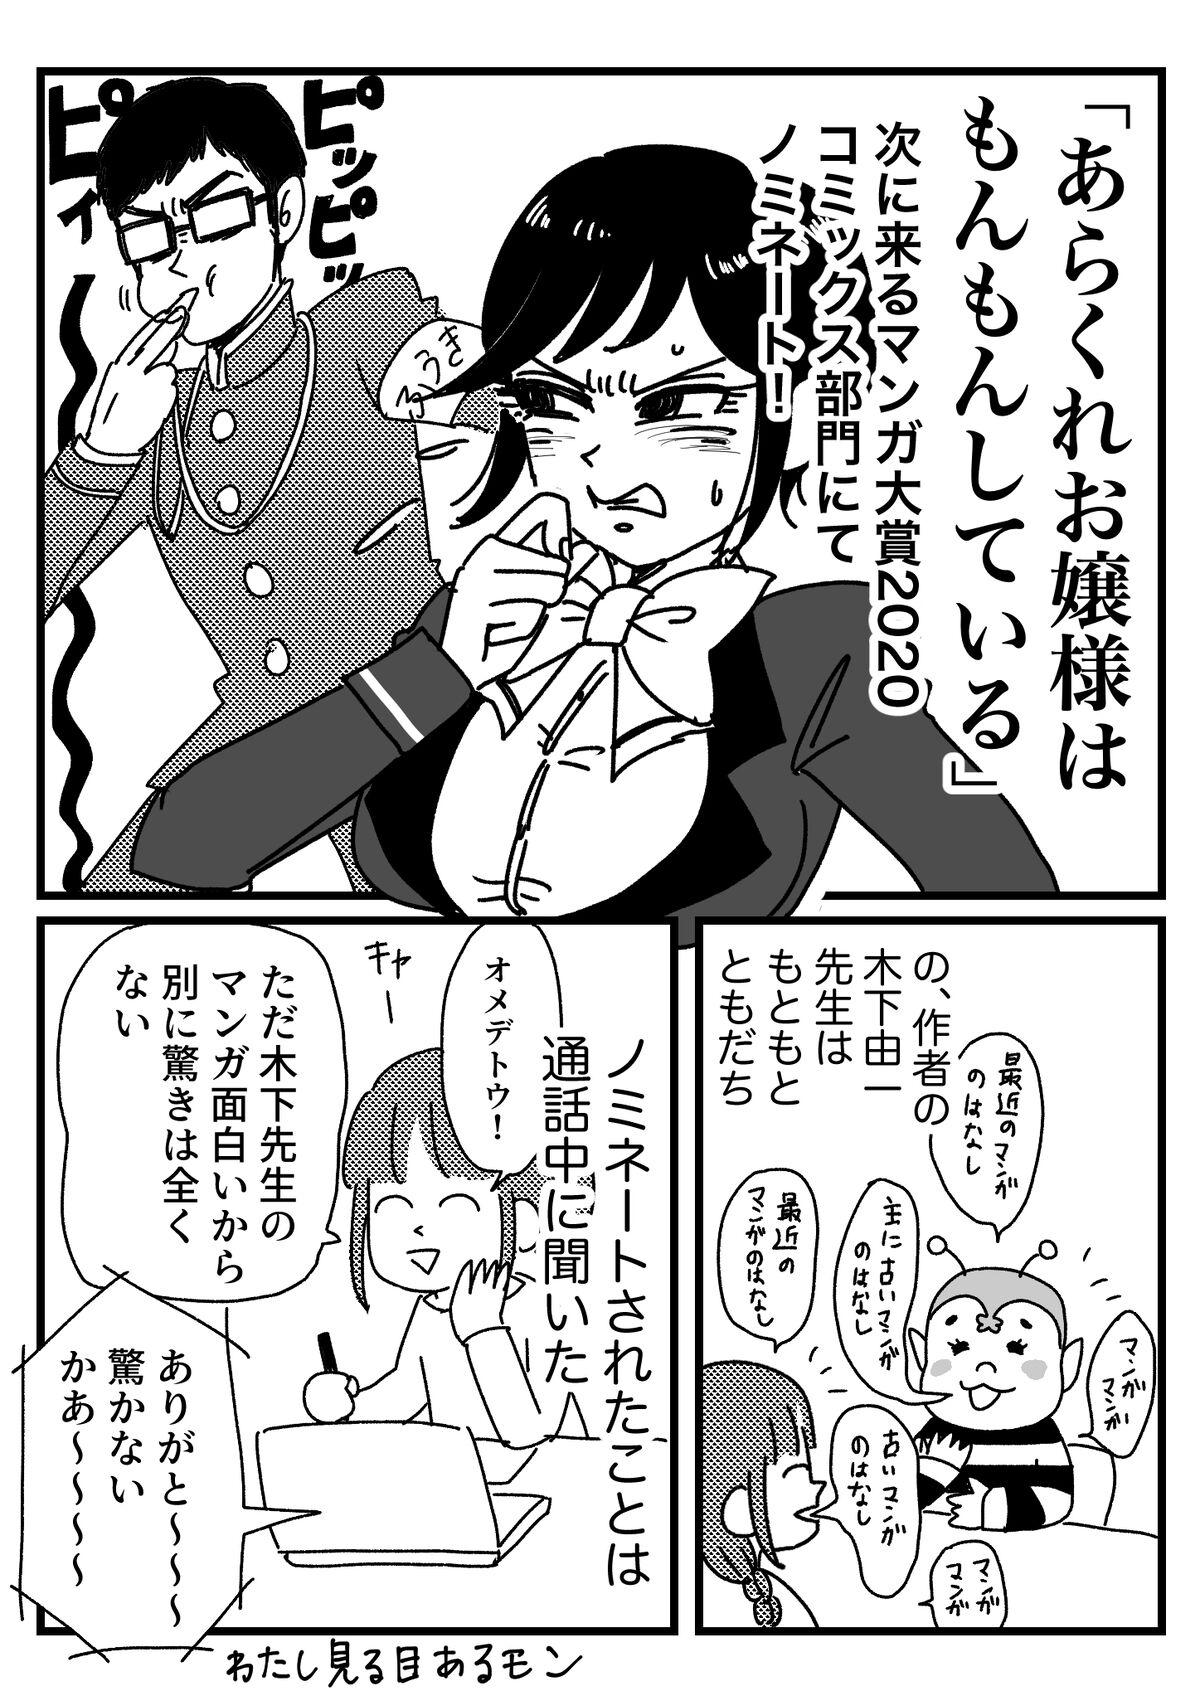 漫画 あら くれ